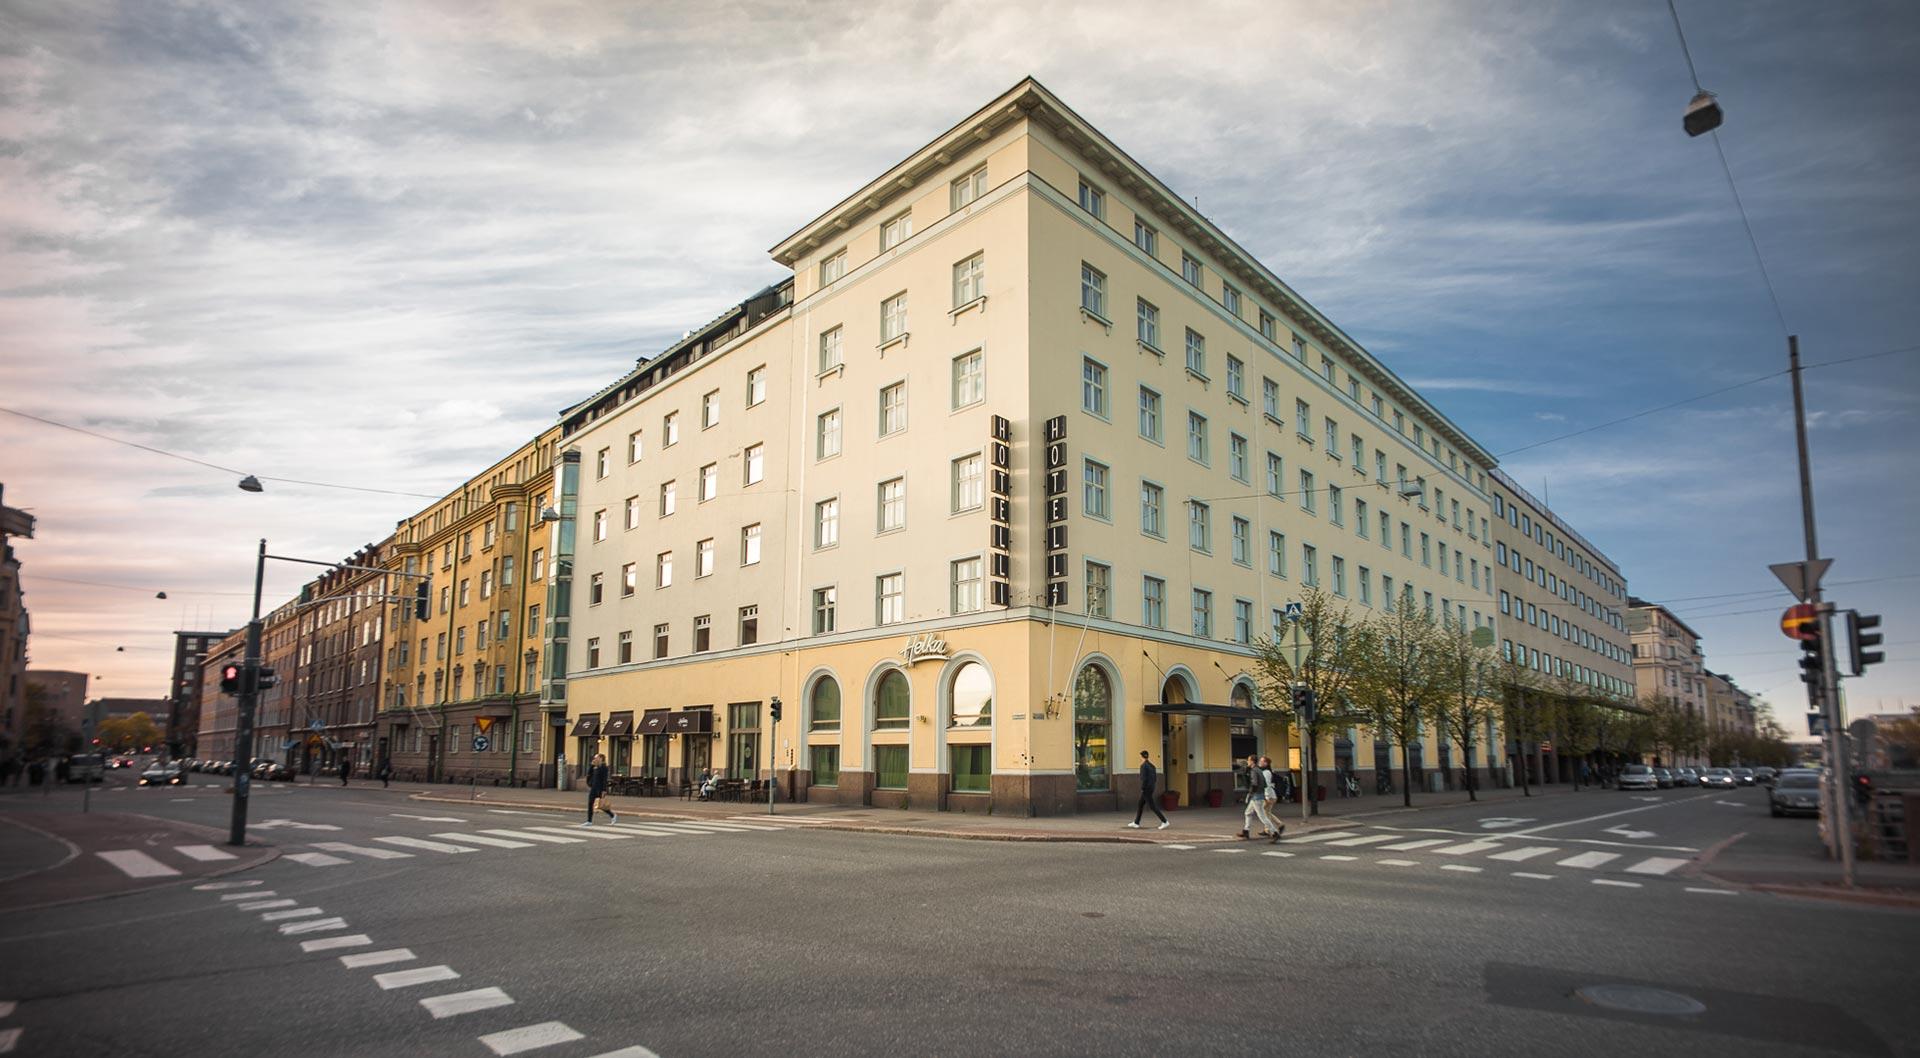 Hotel Helka Helsingissä